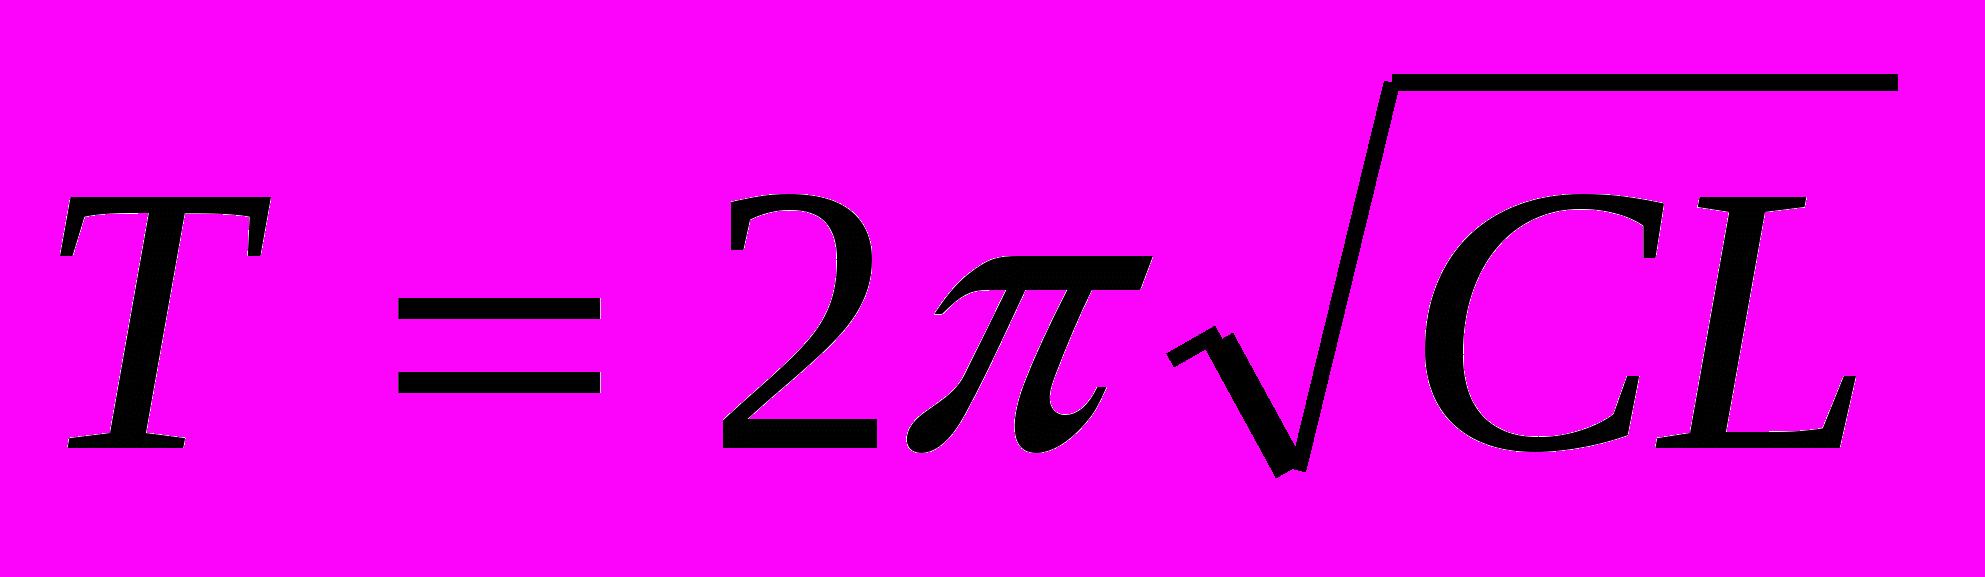 hello_html_72e6b3b.png